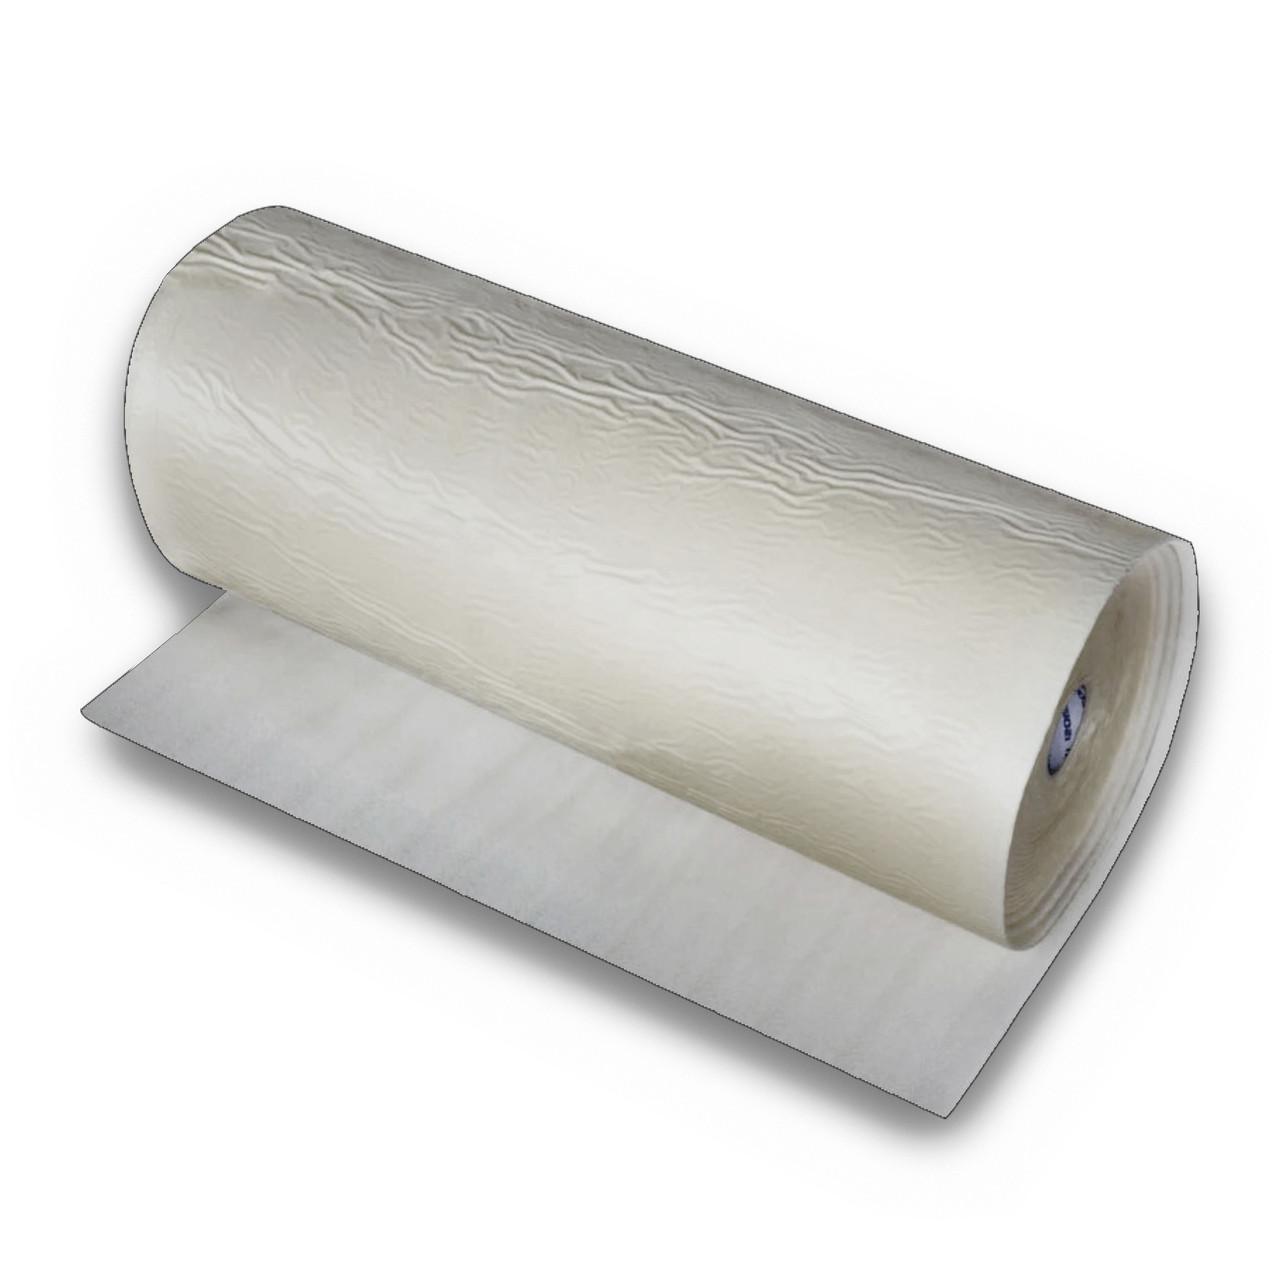 Физически сшитый вспененный полиэтилен самоклеящийся, 4 мм (белый)